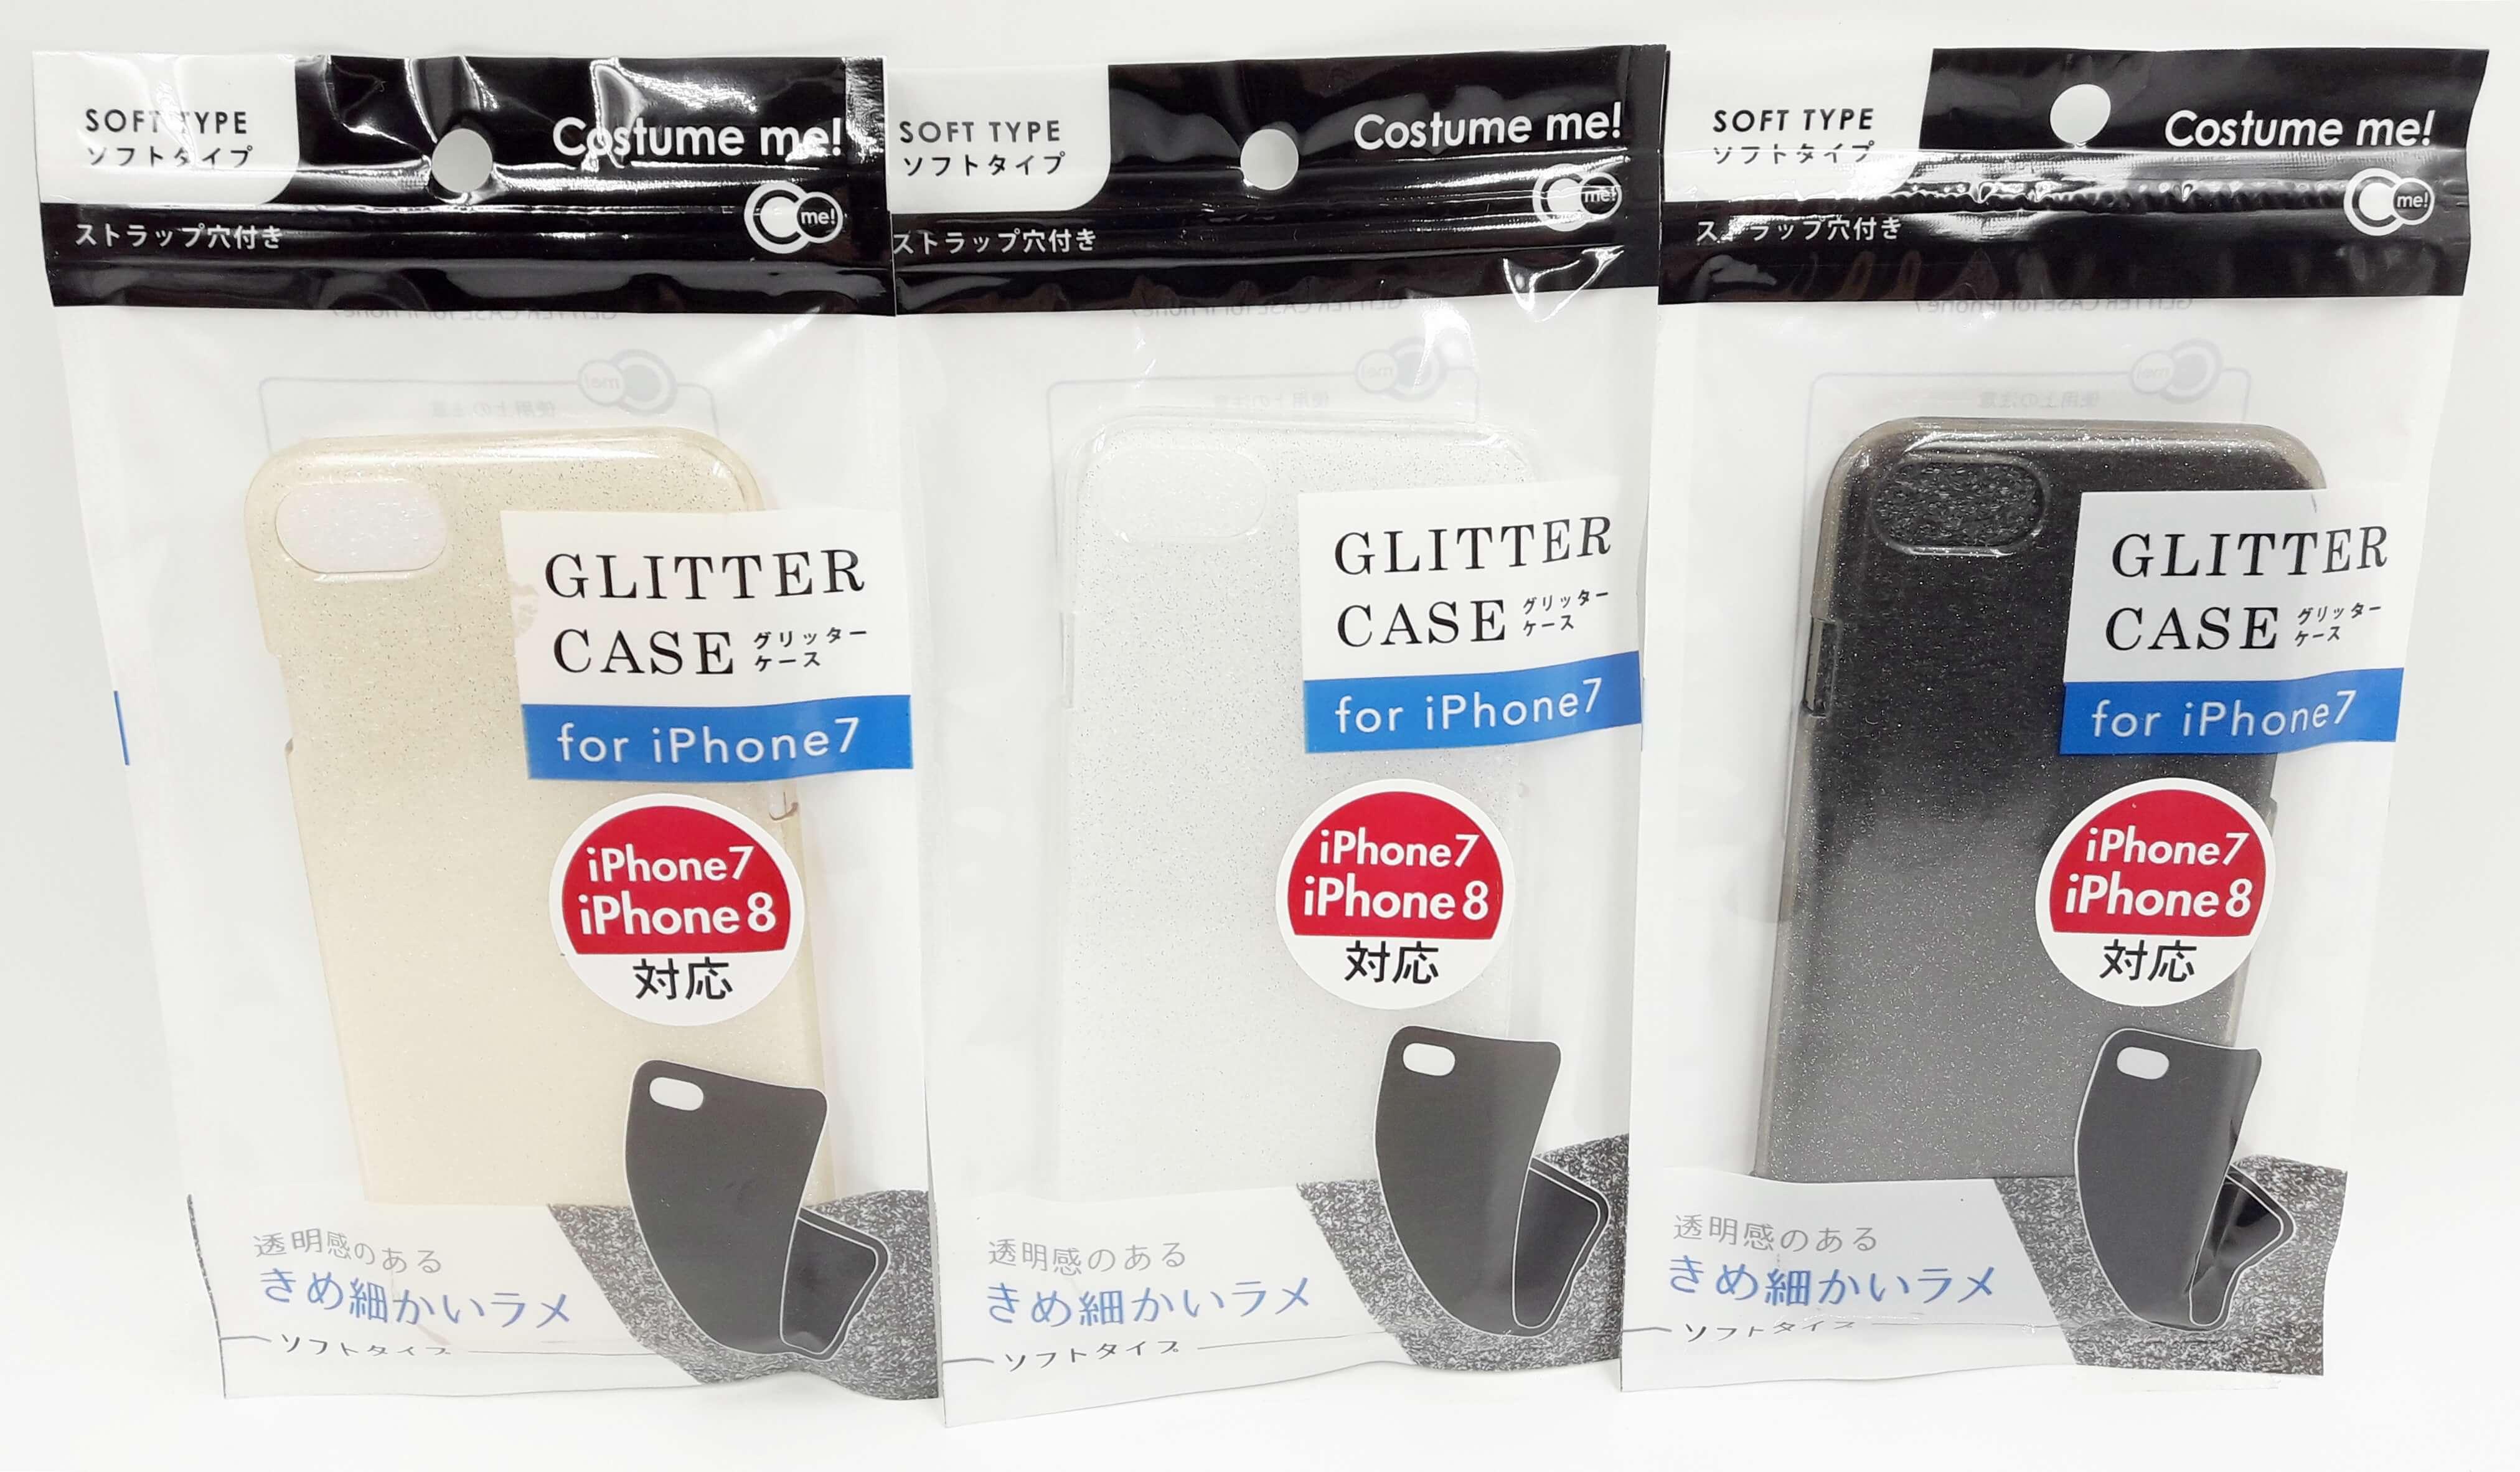 Ốp lưng iPhone 7 nhựa dẻo họa tiết ánh kim